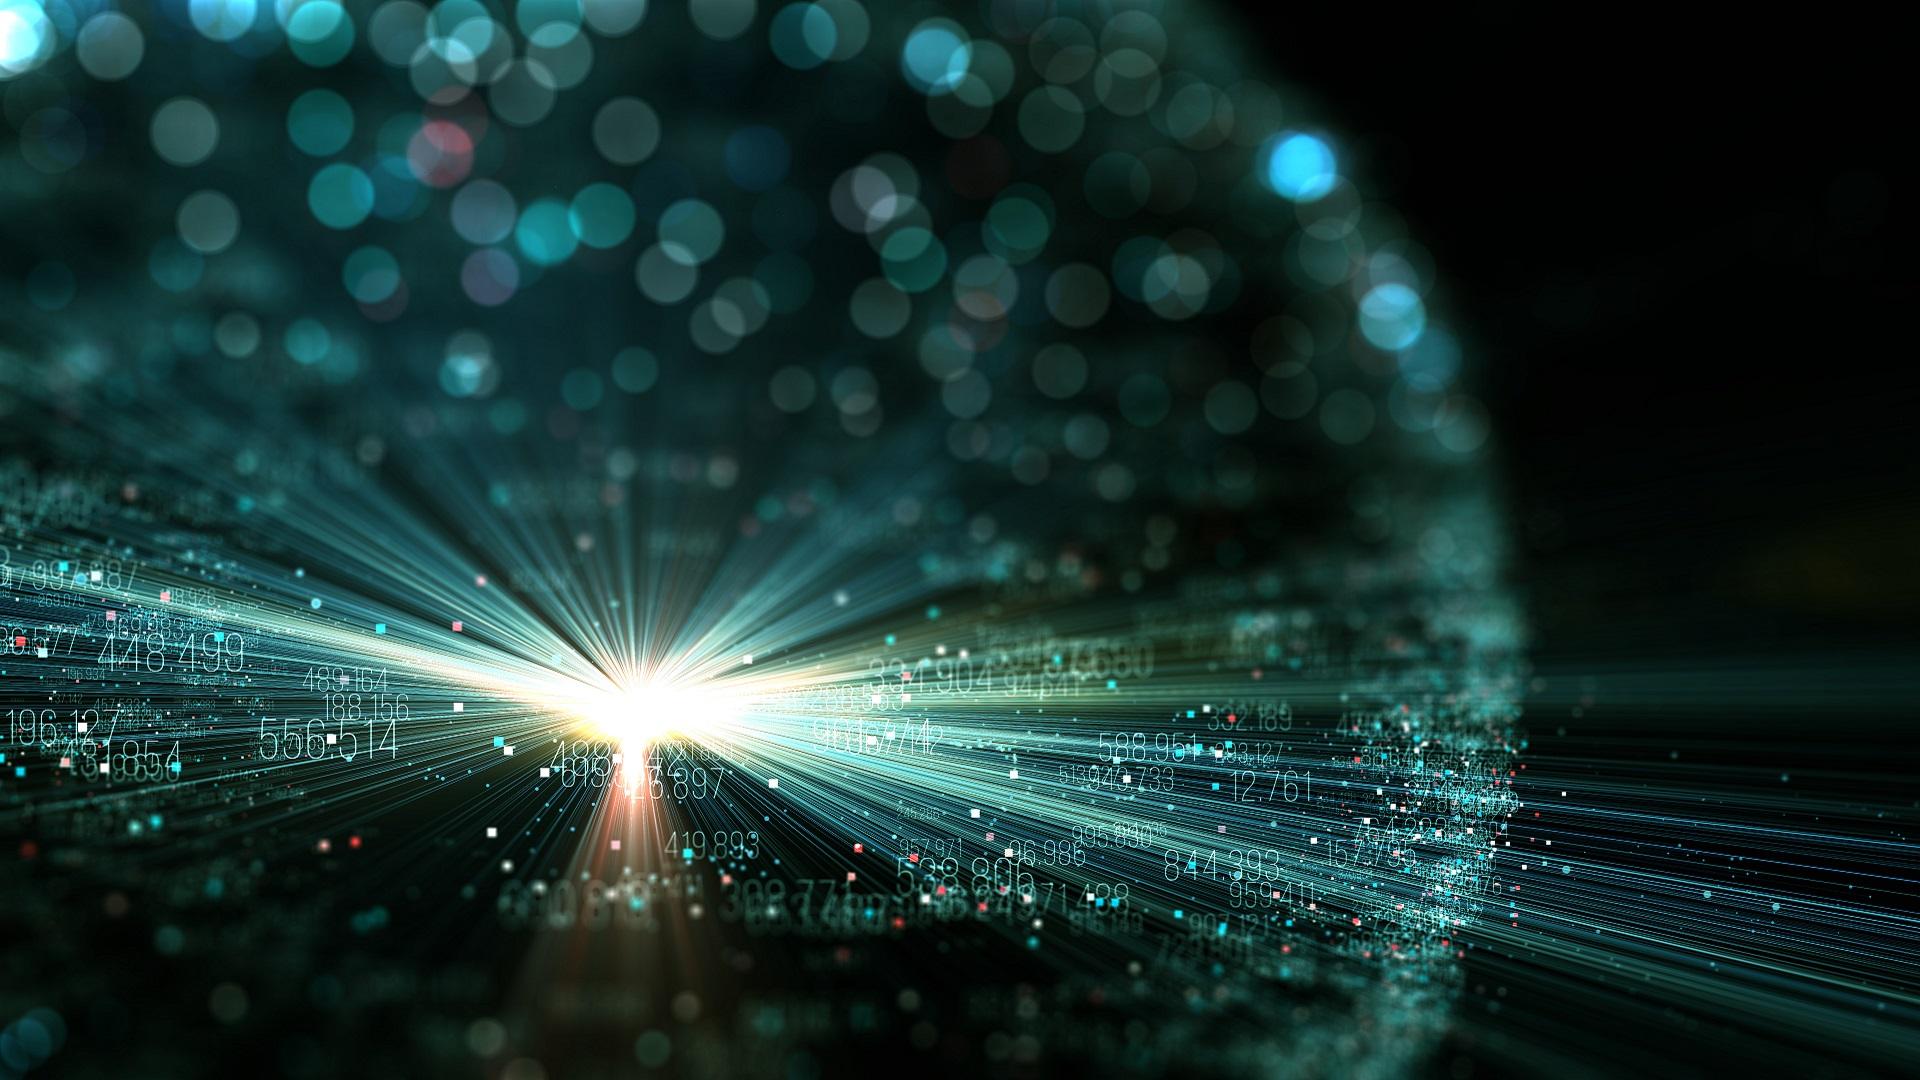 fibre optics technology